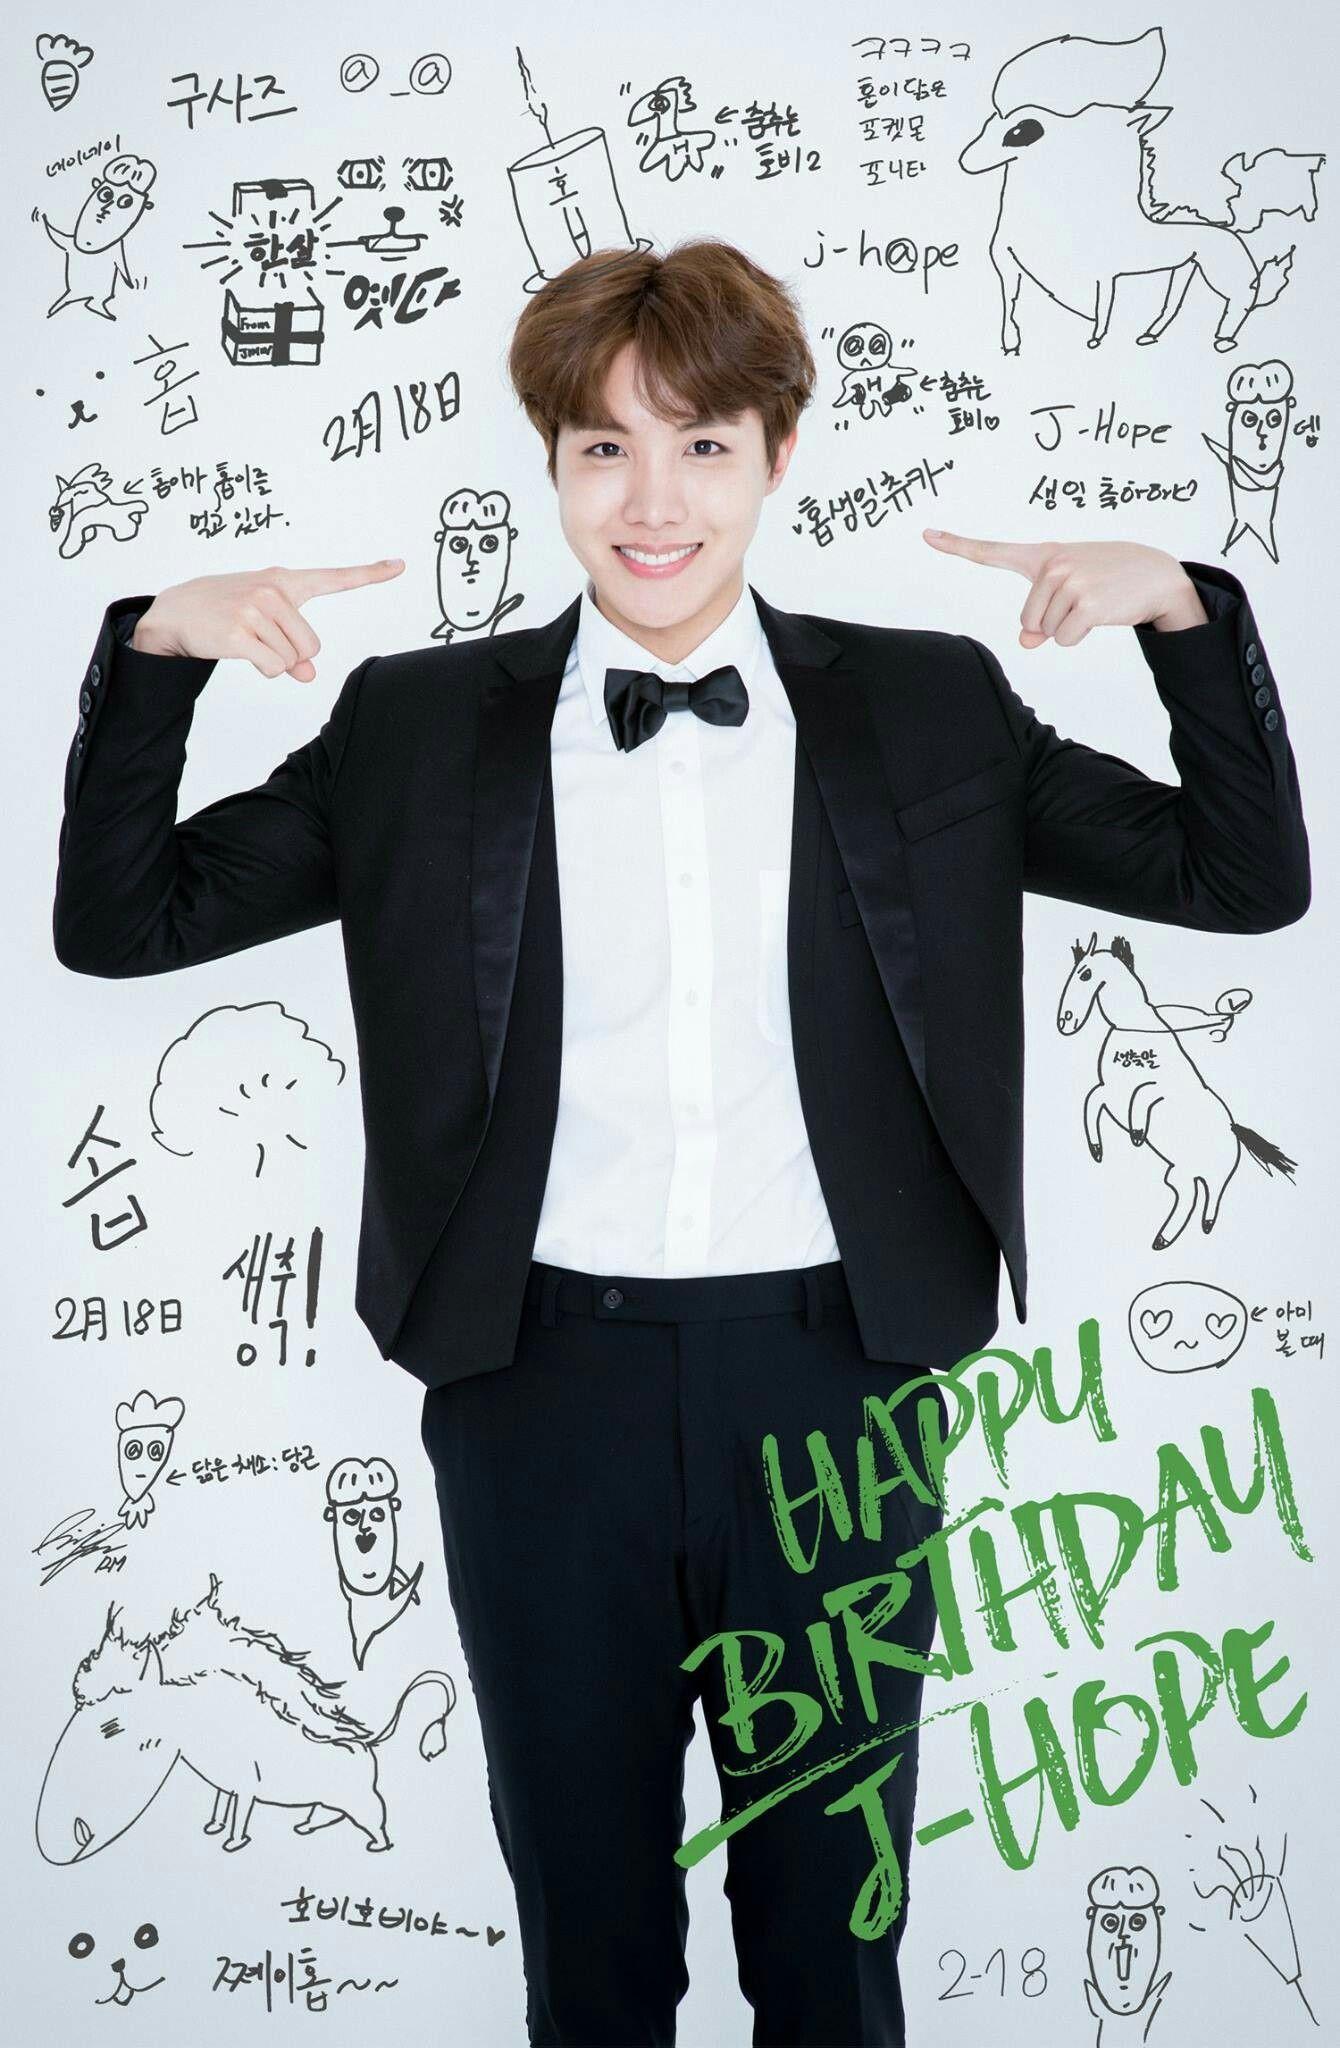 happy J Hope day Bts happy birthday, Bts birthdays, J